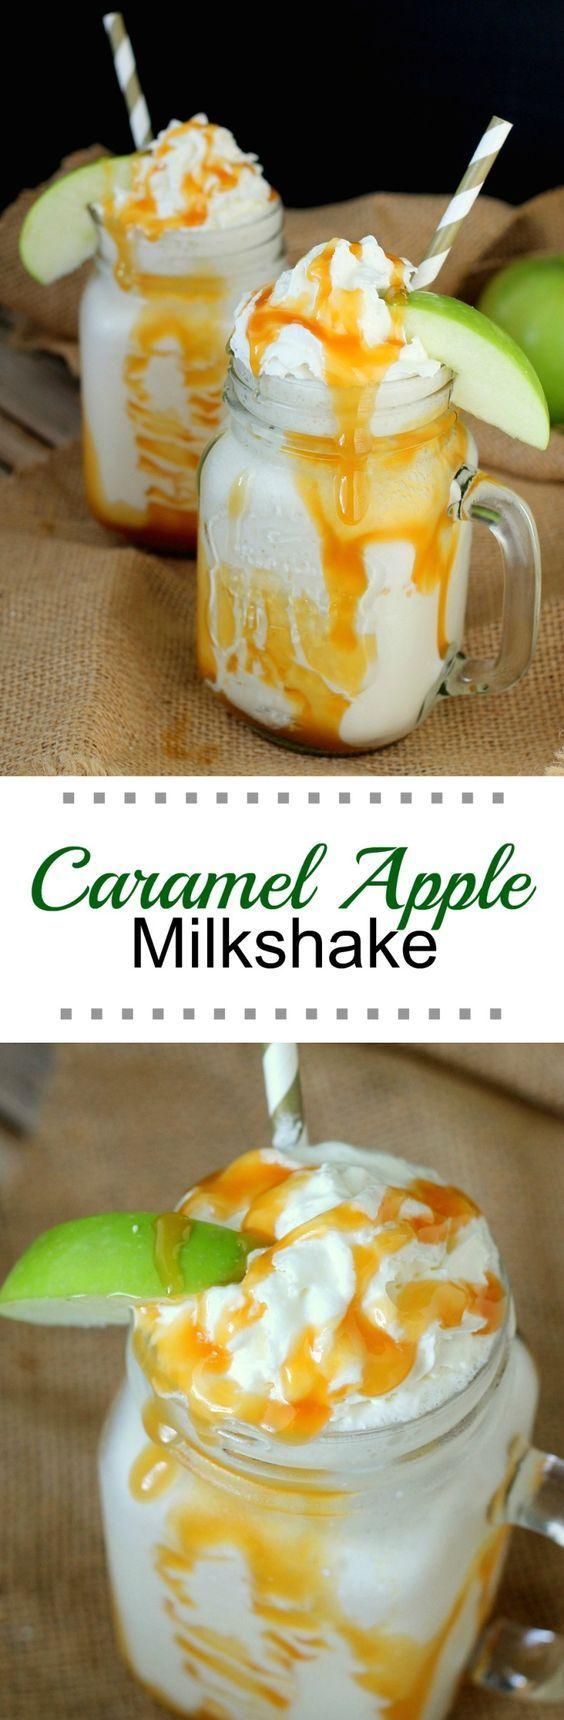 12 Yummy Fall Drink Recipes 139886897